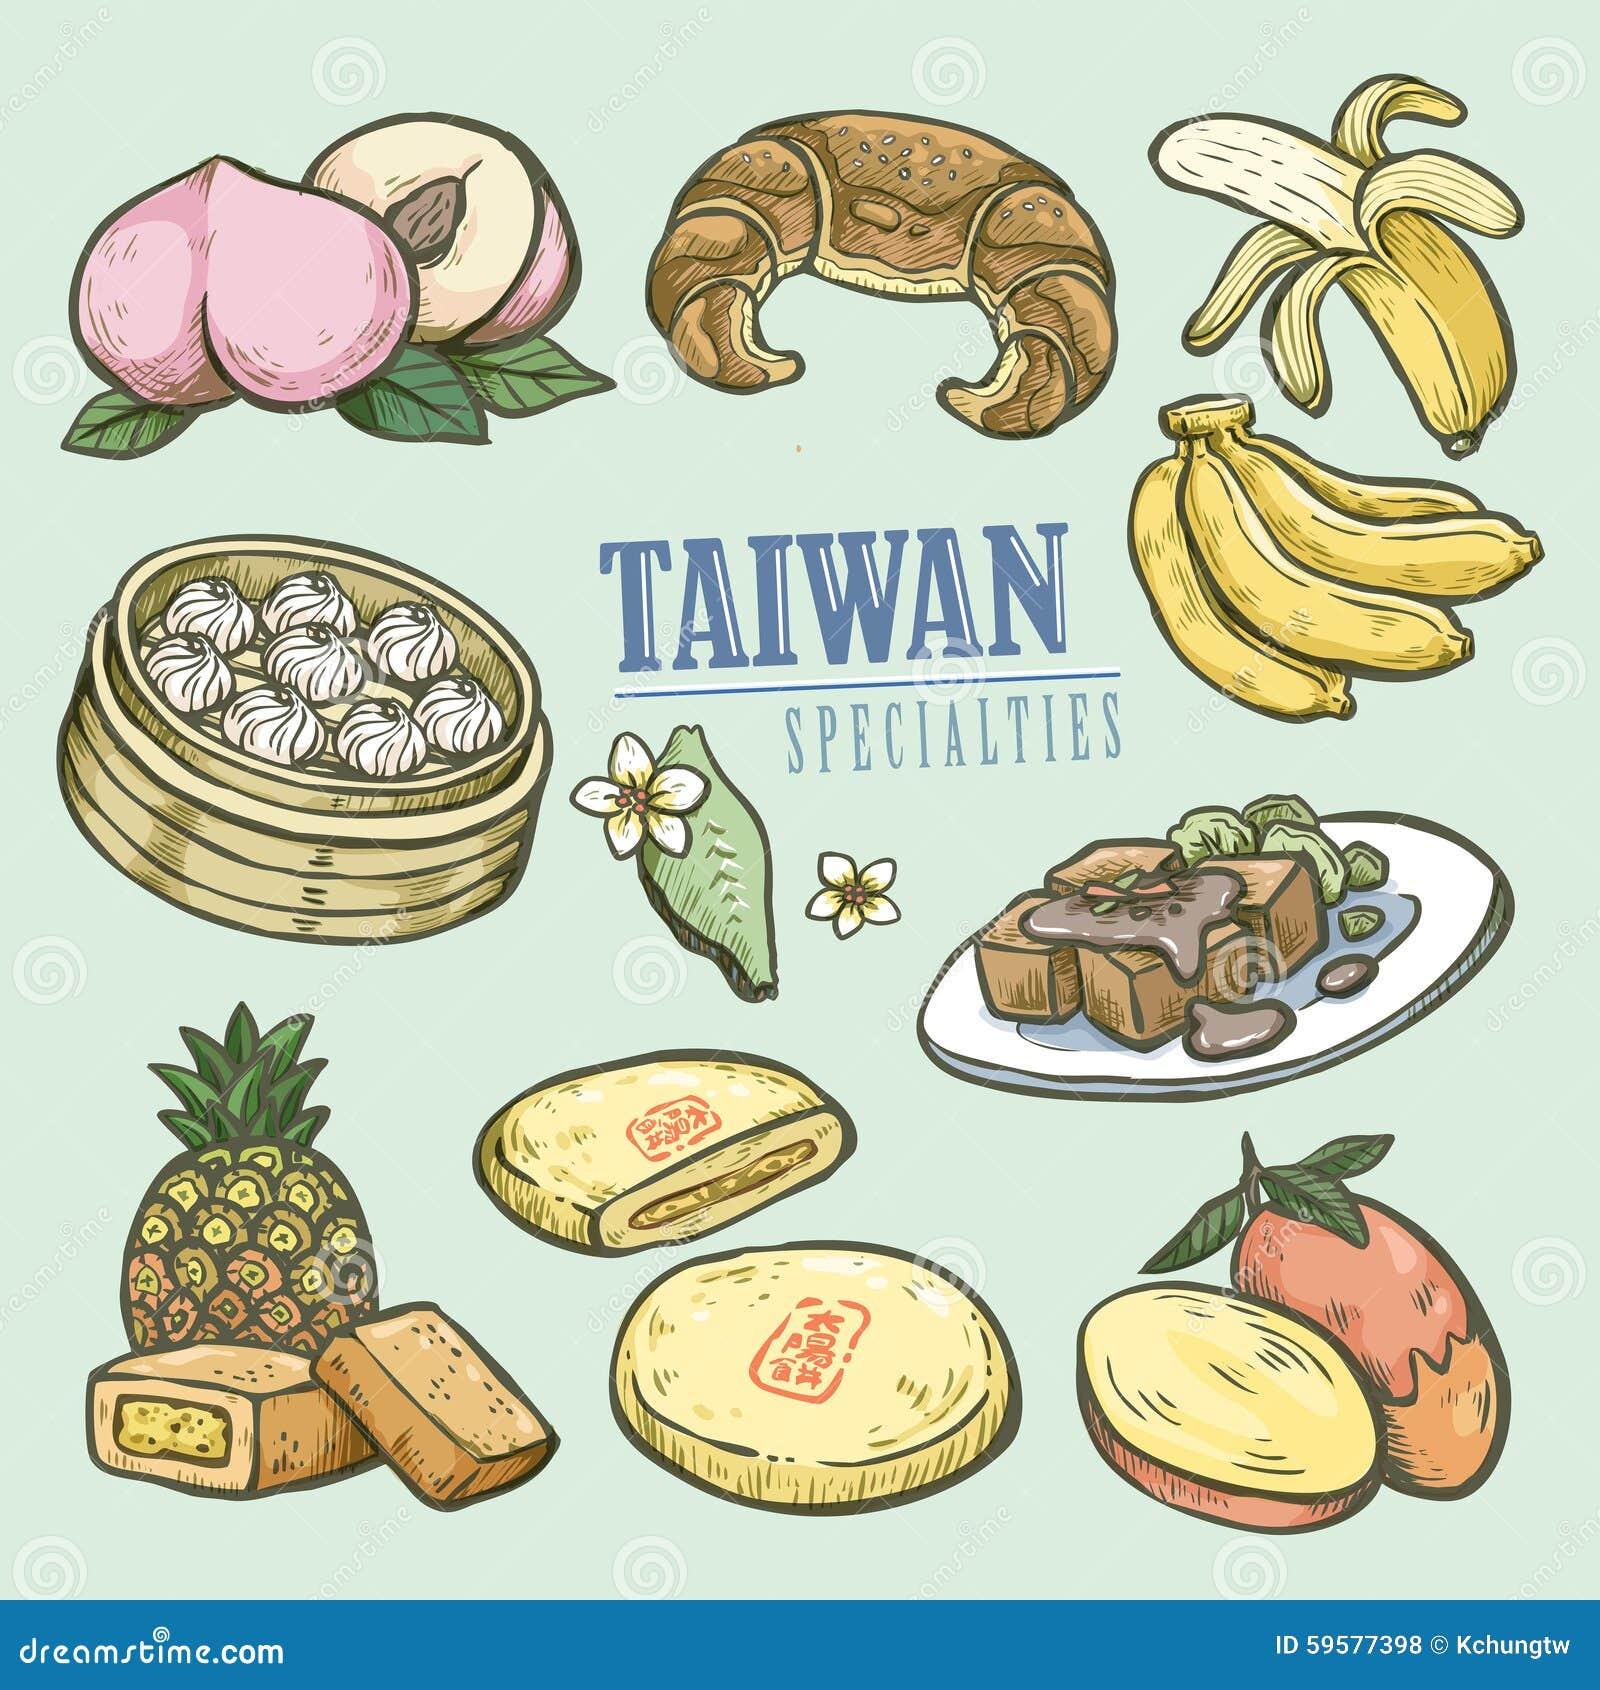 Collection exquise de spécialités de Taïwan